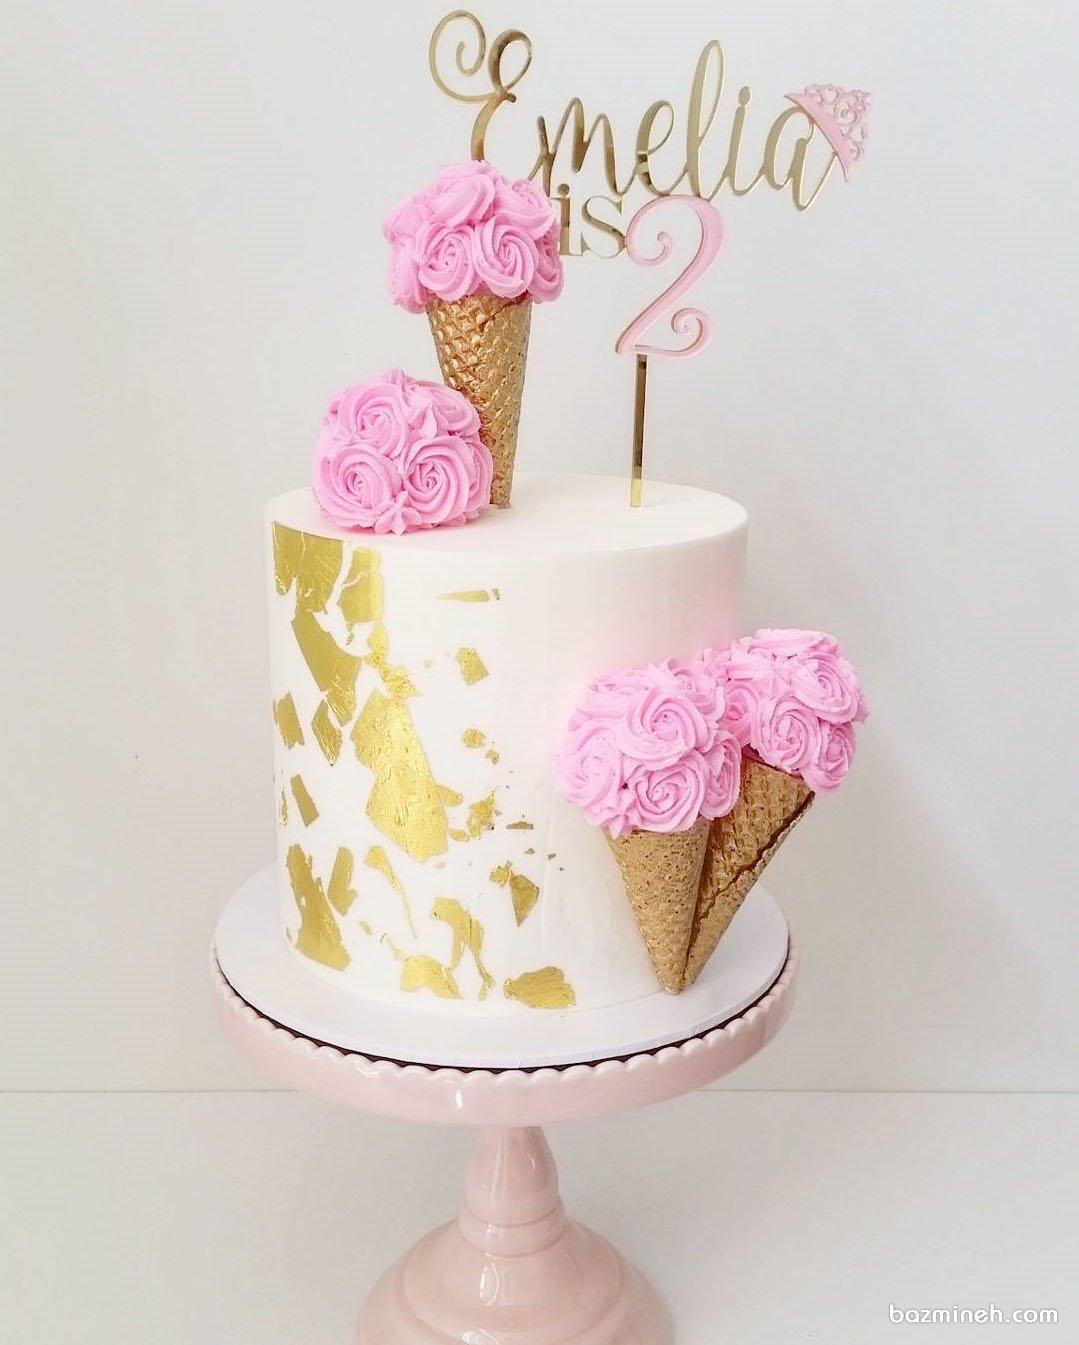 کیک فانتزی جشن تولد دو سالگی دخترونه با تم بستنی قیفی